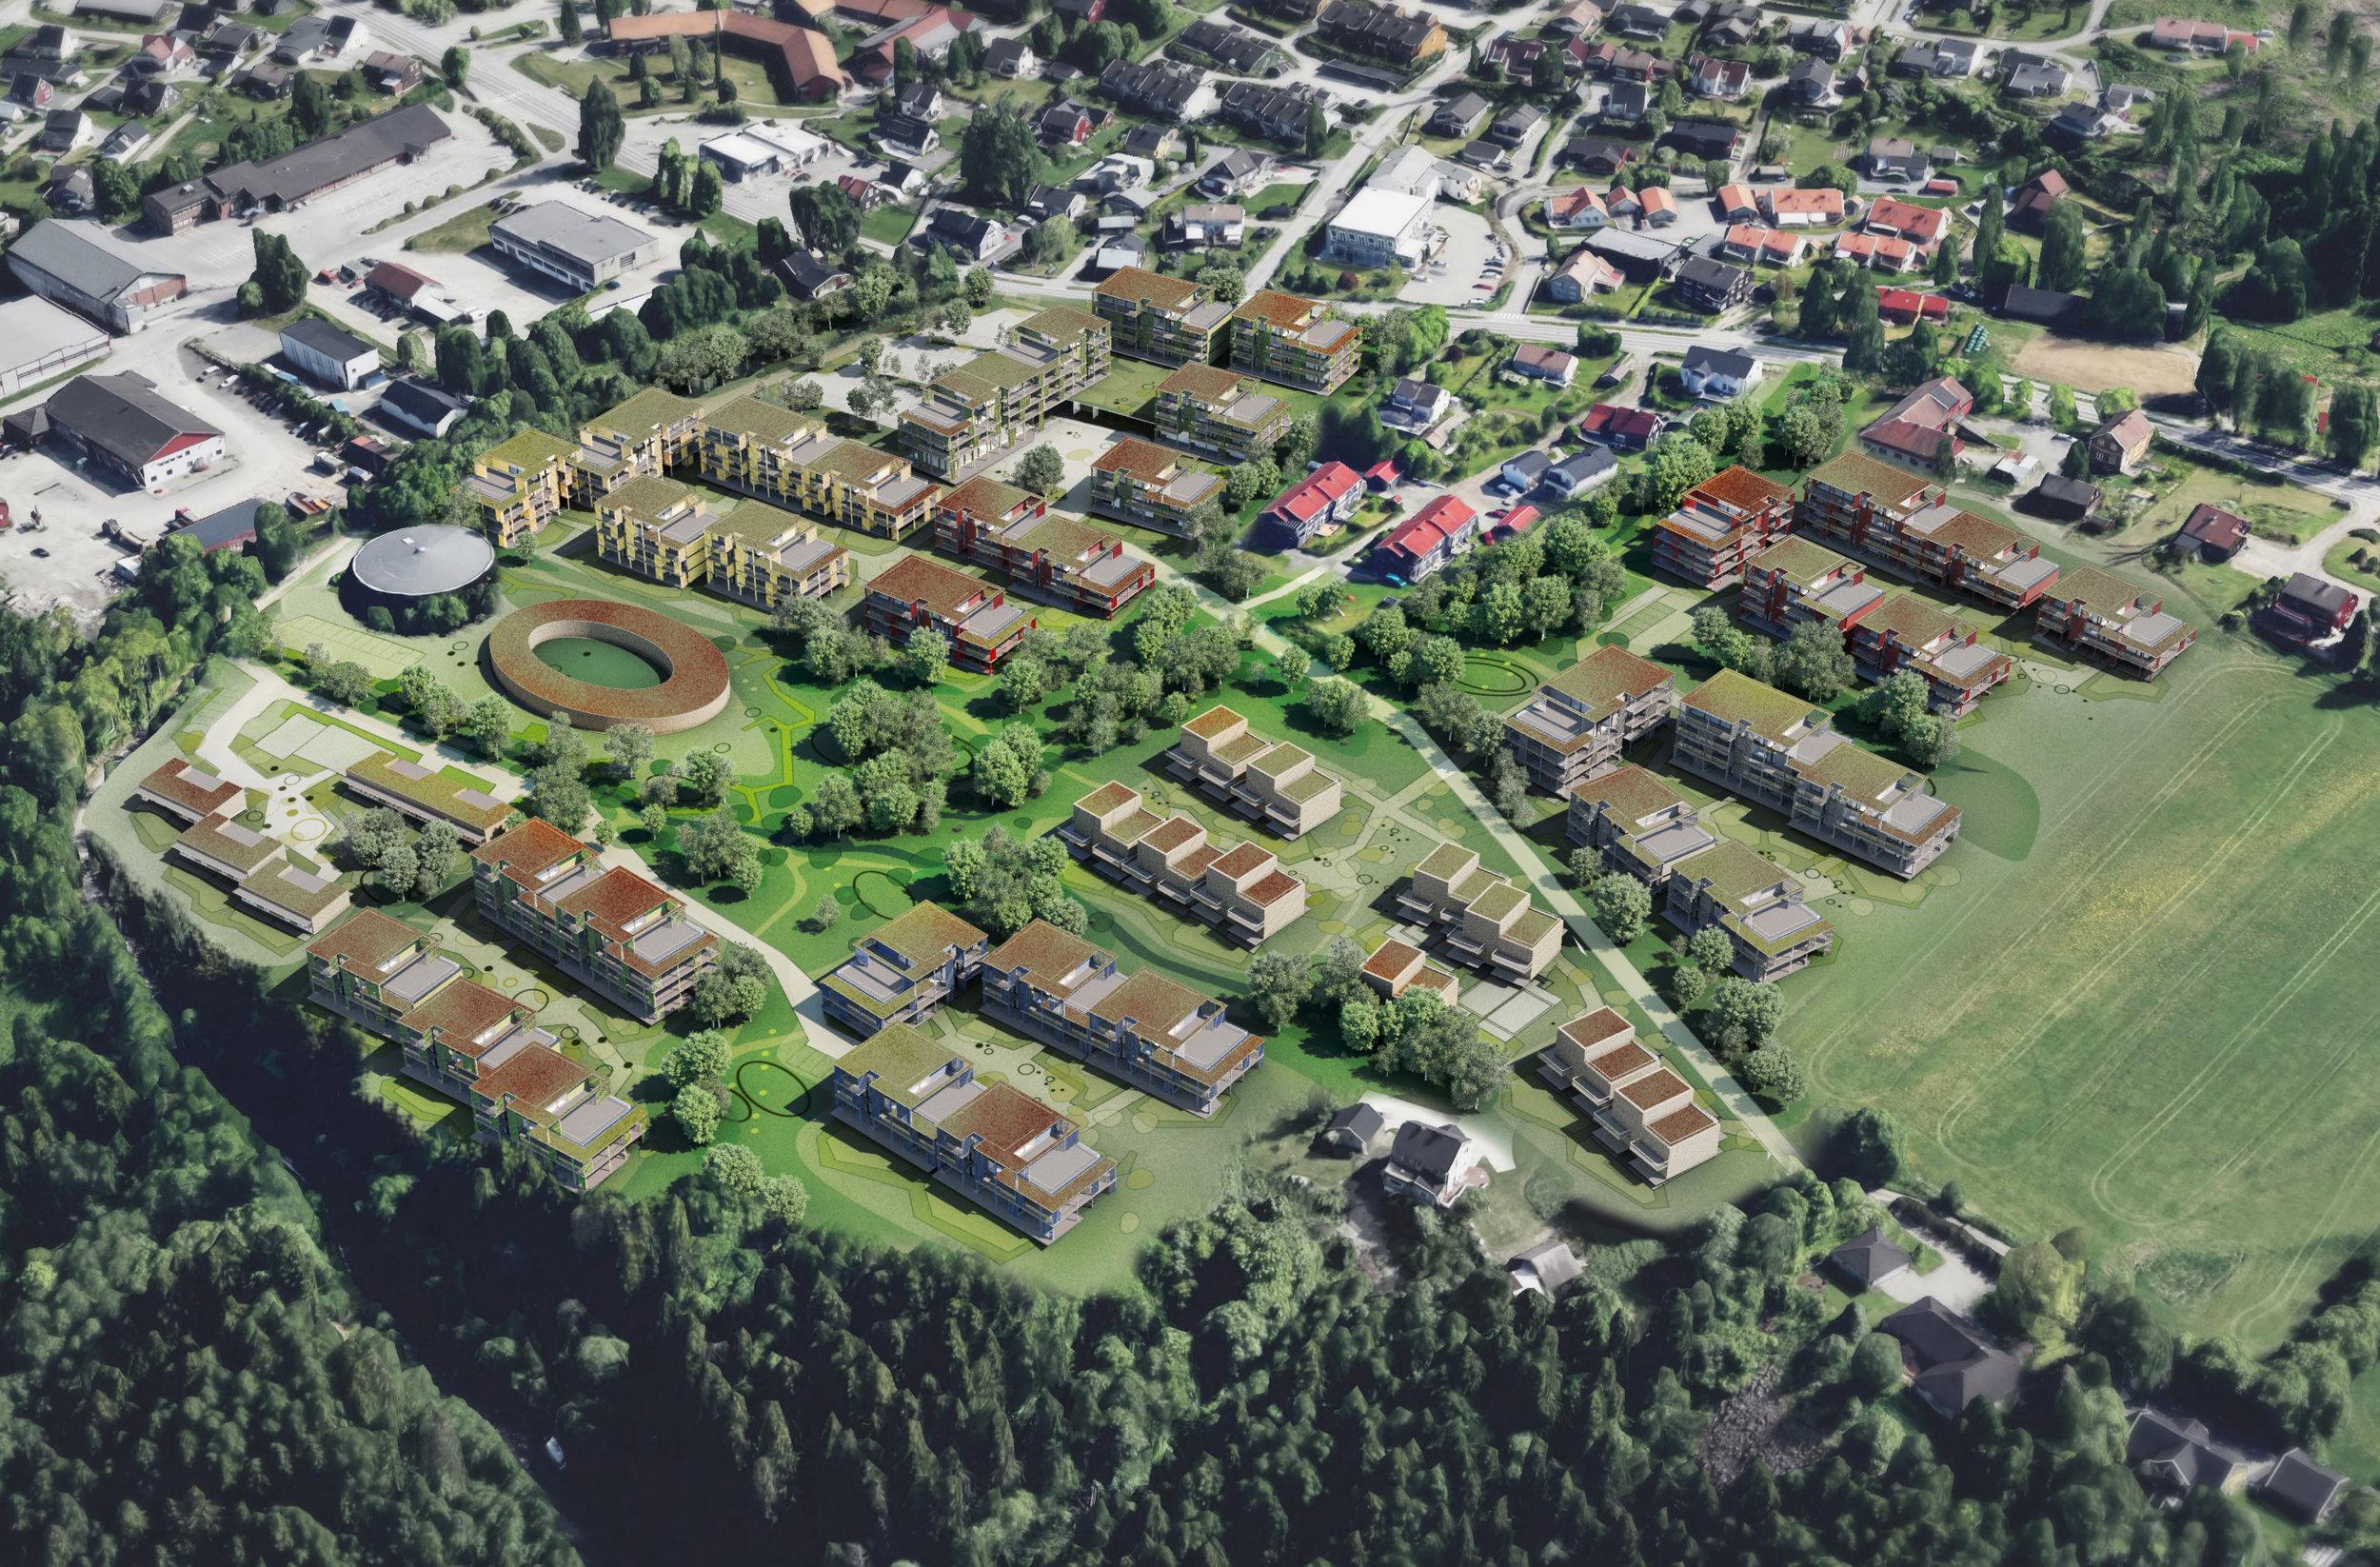 18005 Hagejordet Illustrasjon Områdeoversikt.jpg